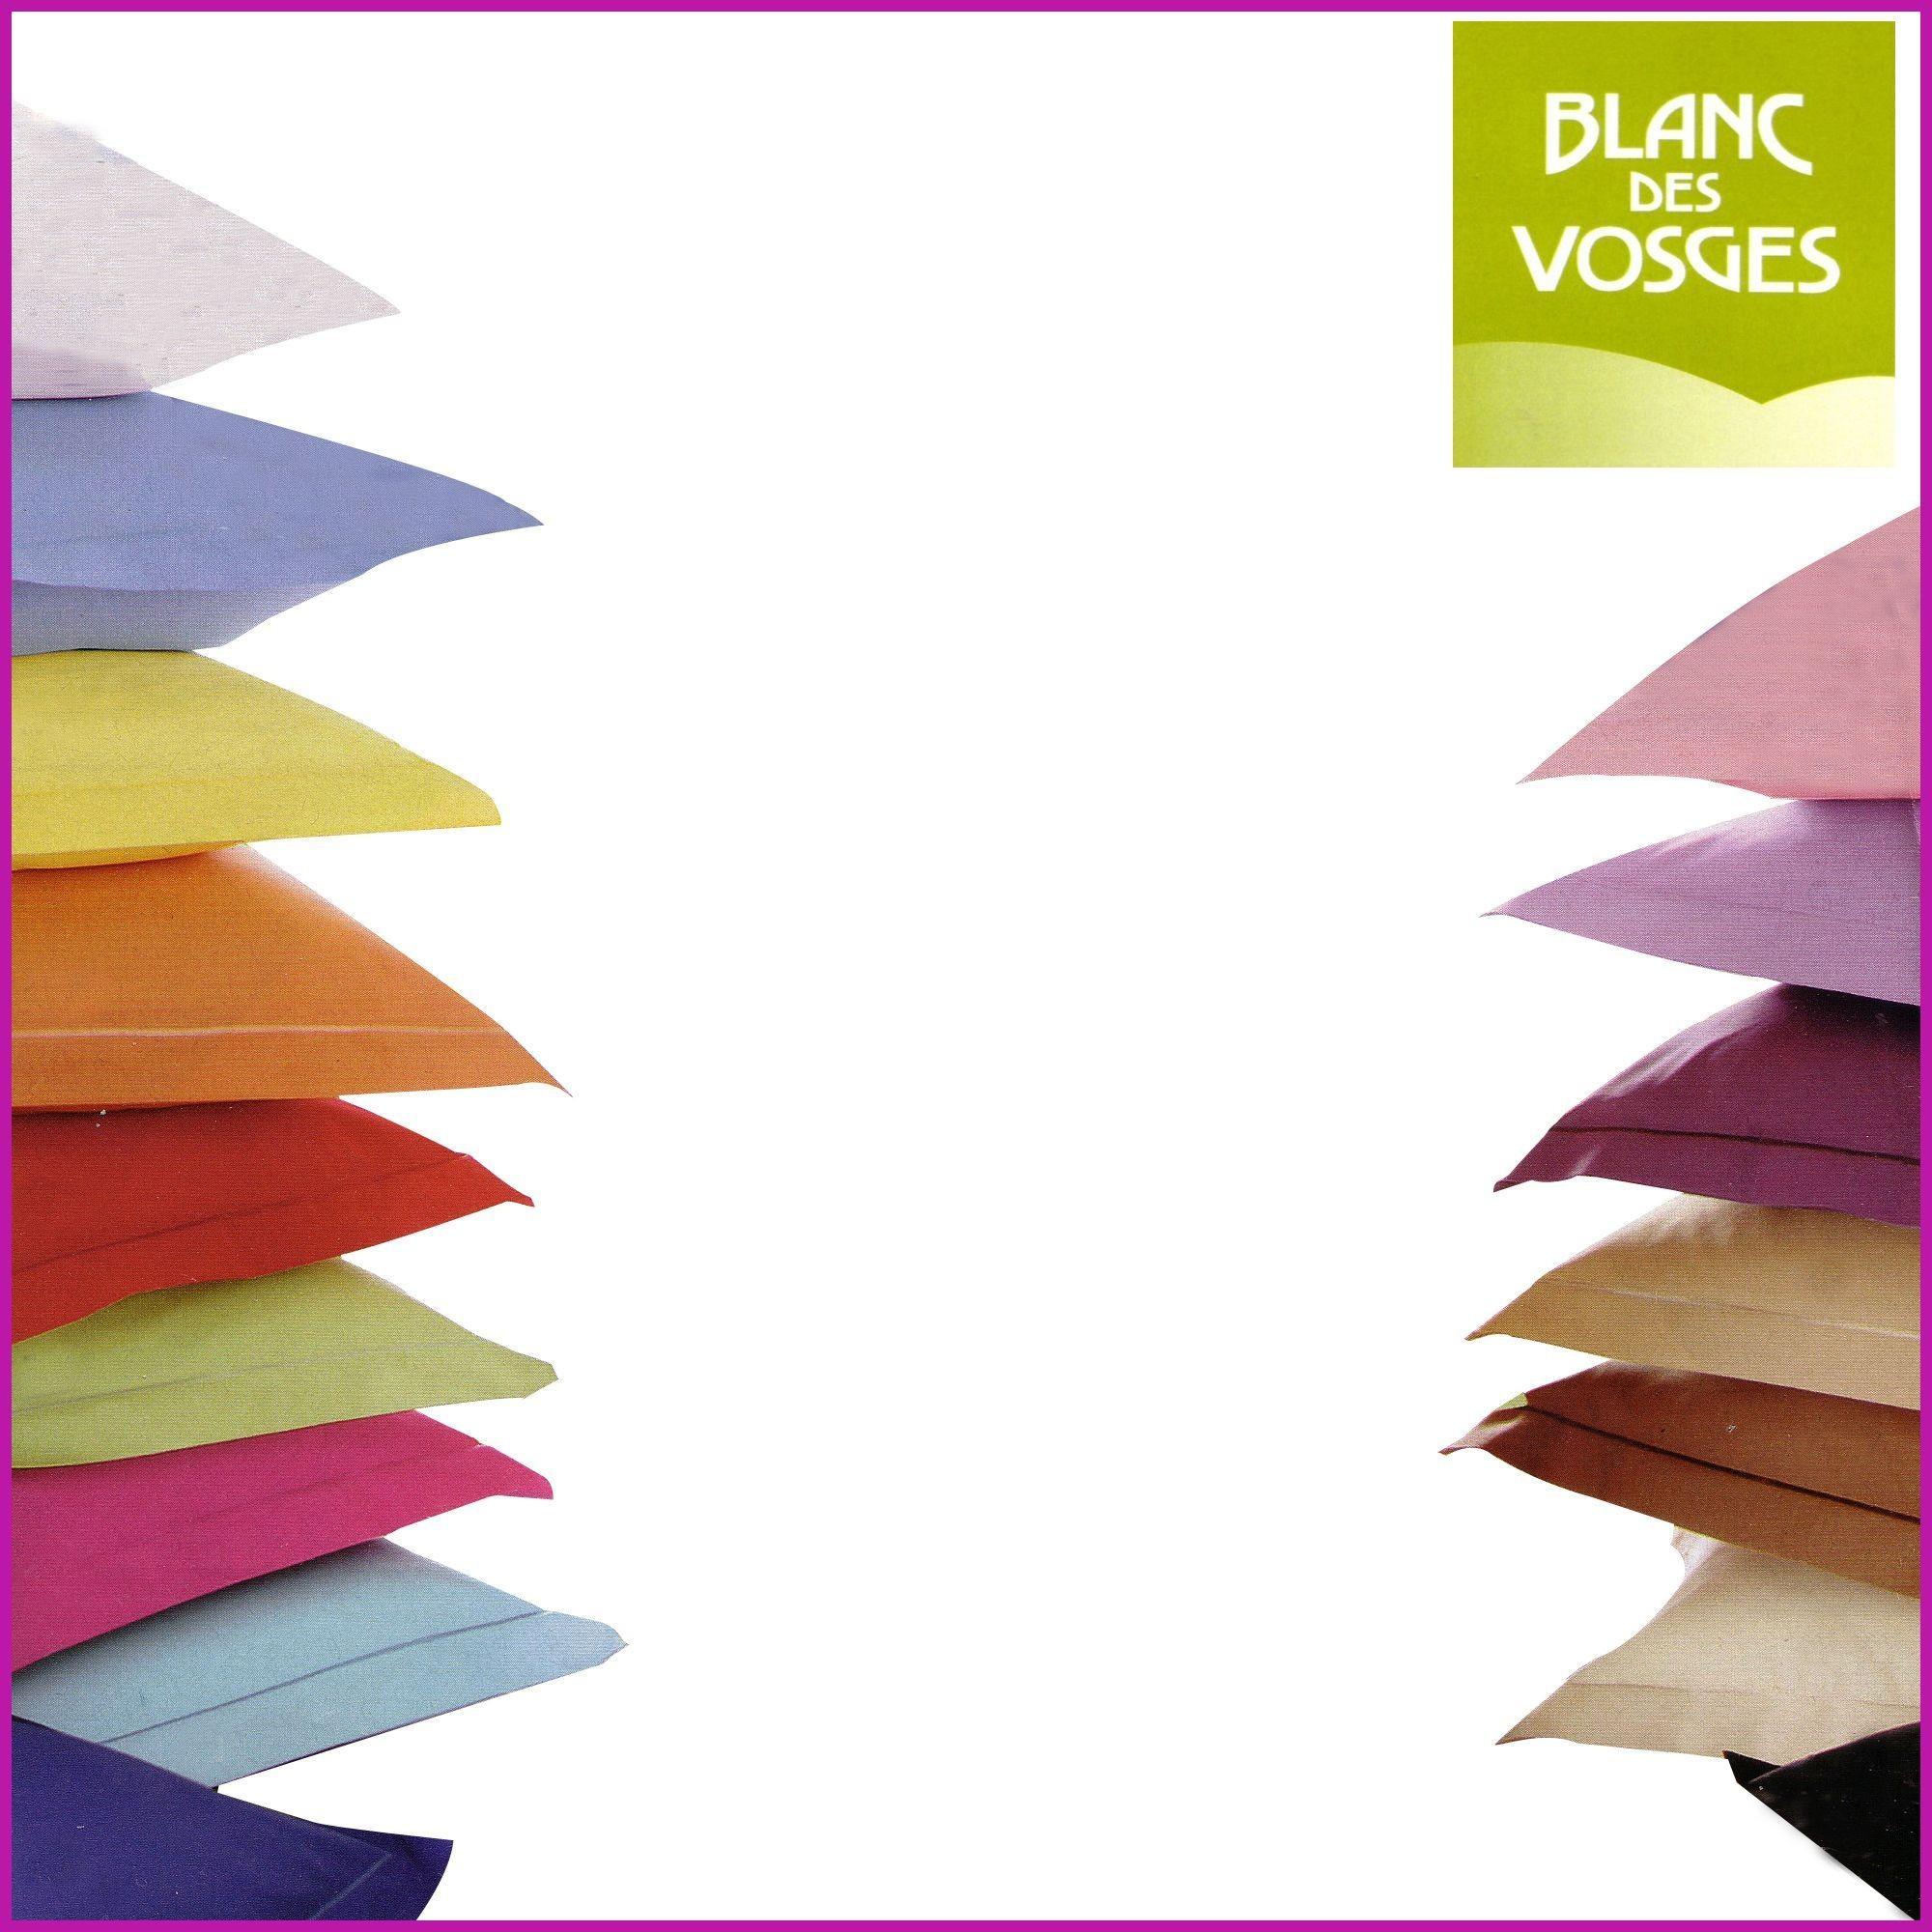 achat taie 100 coton blanc des vosges pas cher avenue literie. Black Bedroom Furniture Sets. Home Design Ideas